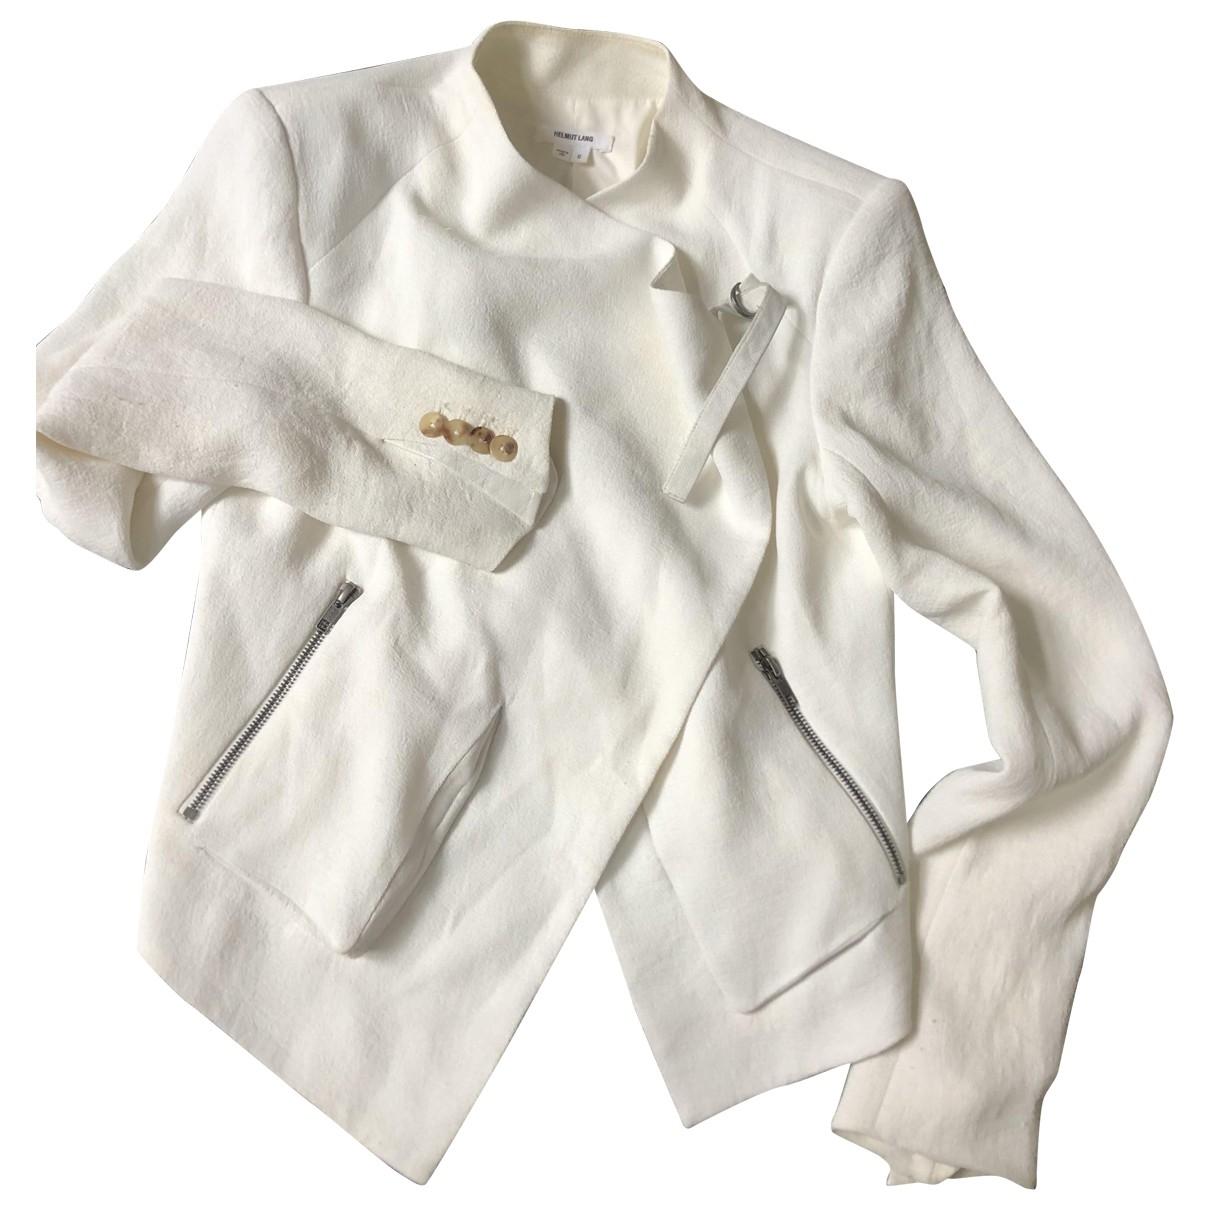 Helmut Lang \N White jacket for Women M International